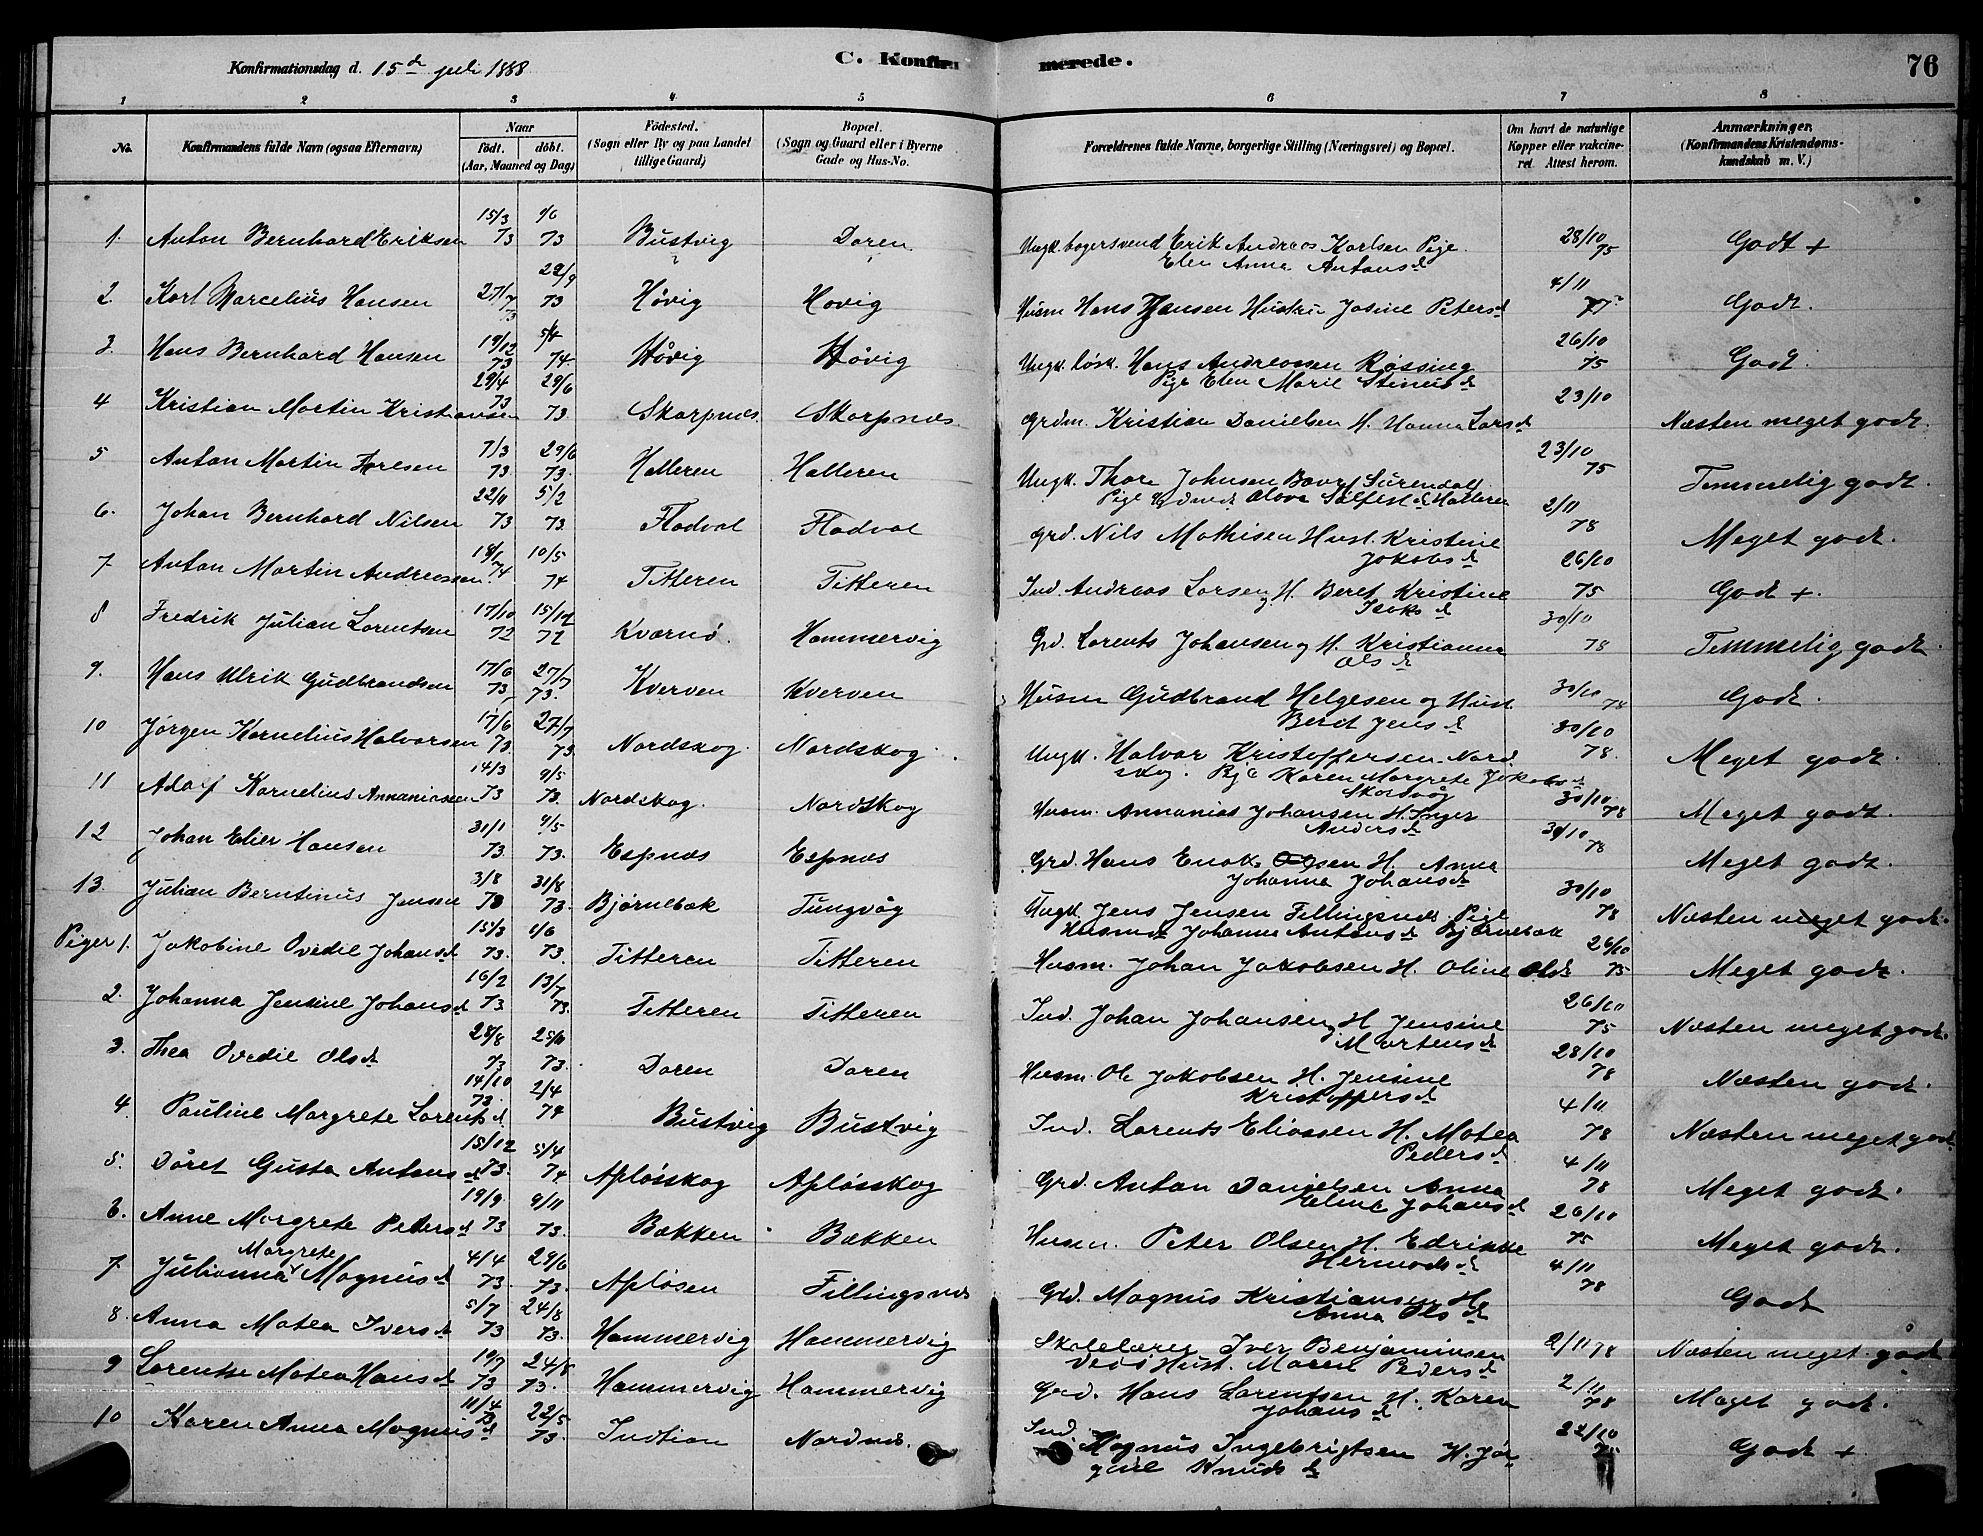 SAT, Ministerialprotokoller, klokkerbøker og fødselsregistre - Sør-Trøndelag, 641/L0597: Klokkerbok nr. 641C01, 1878-1893, s. 76